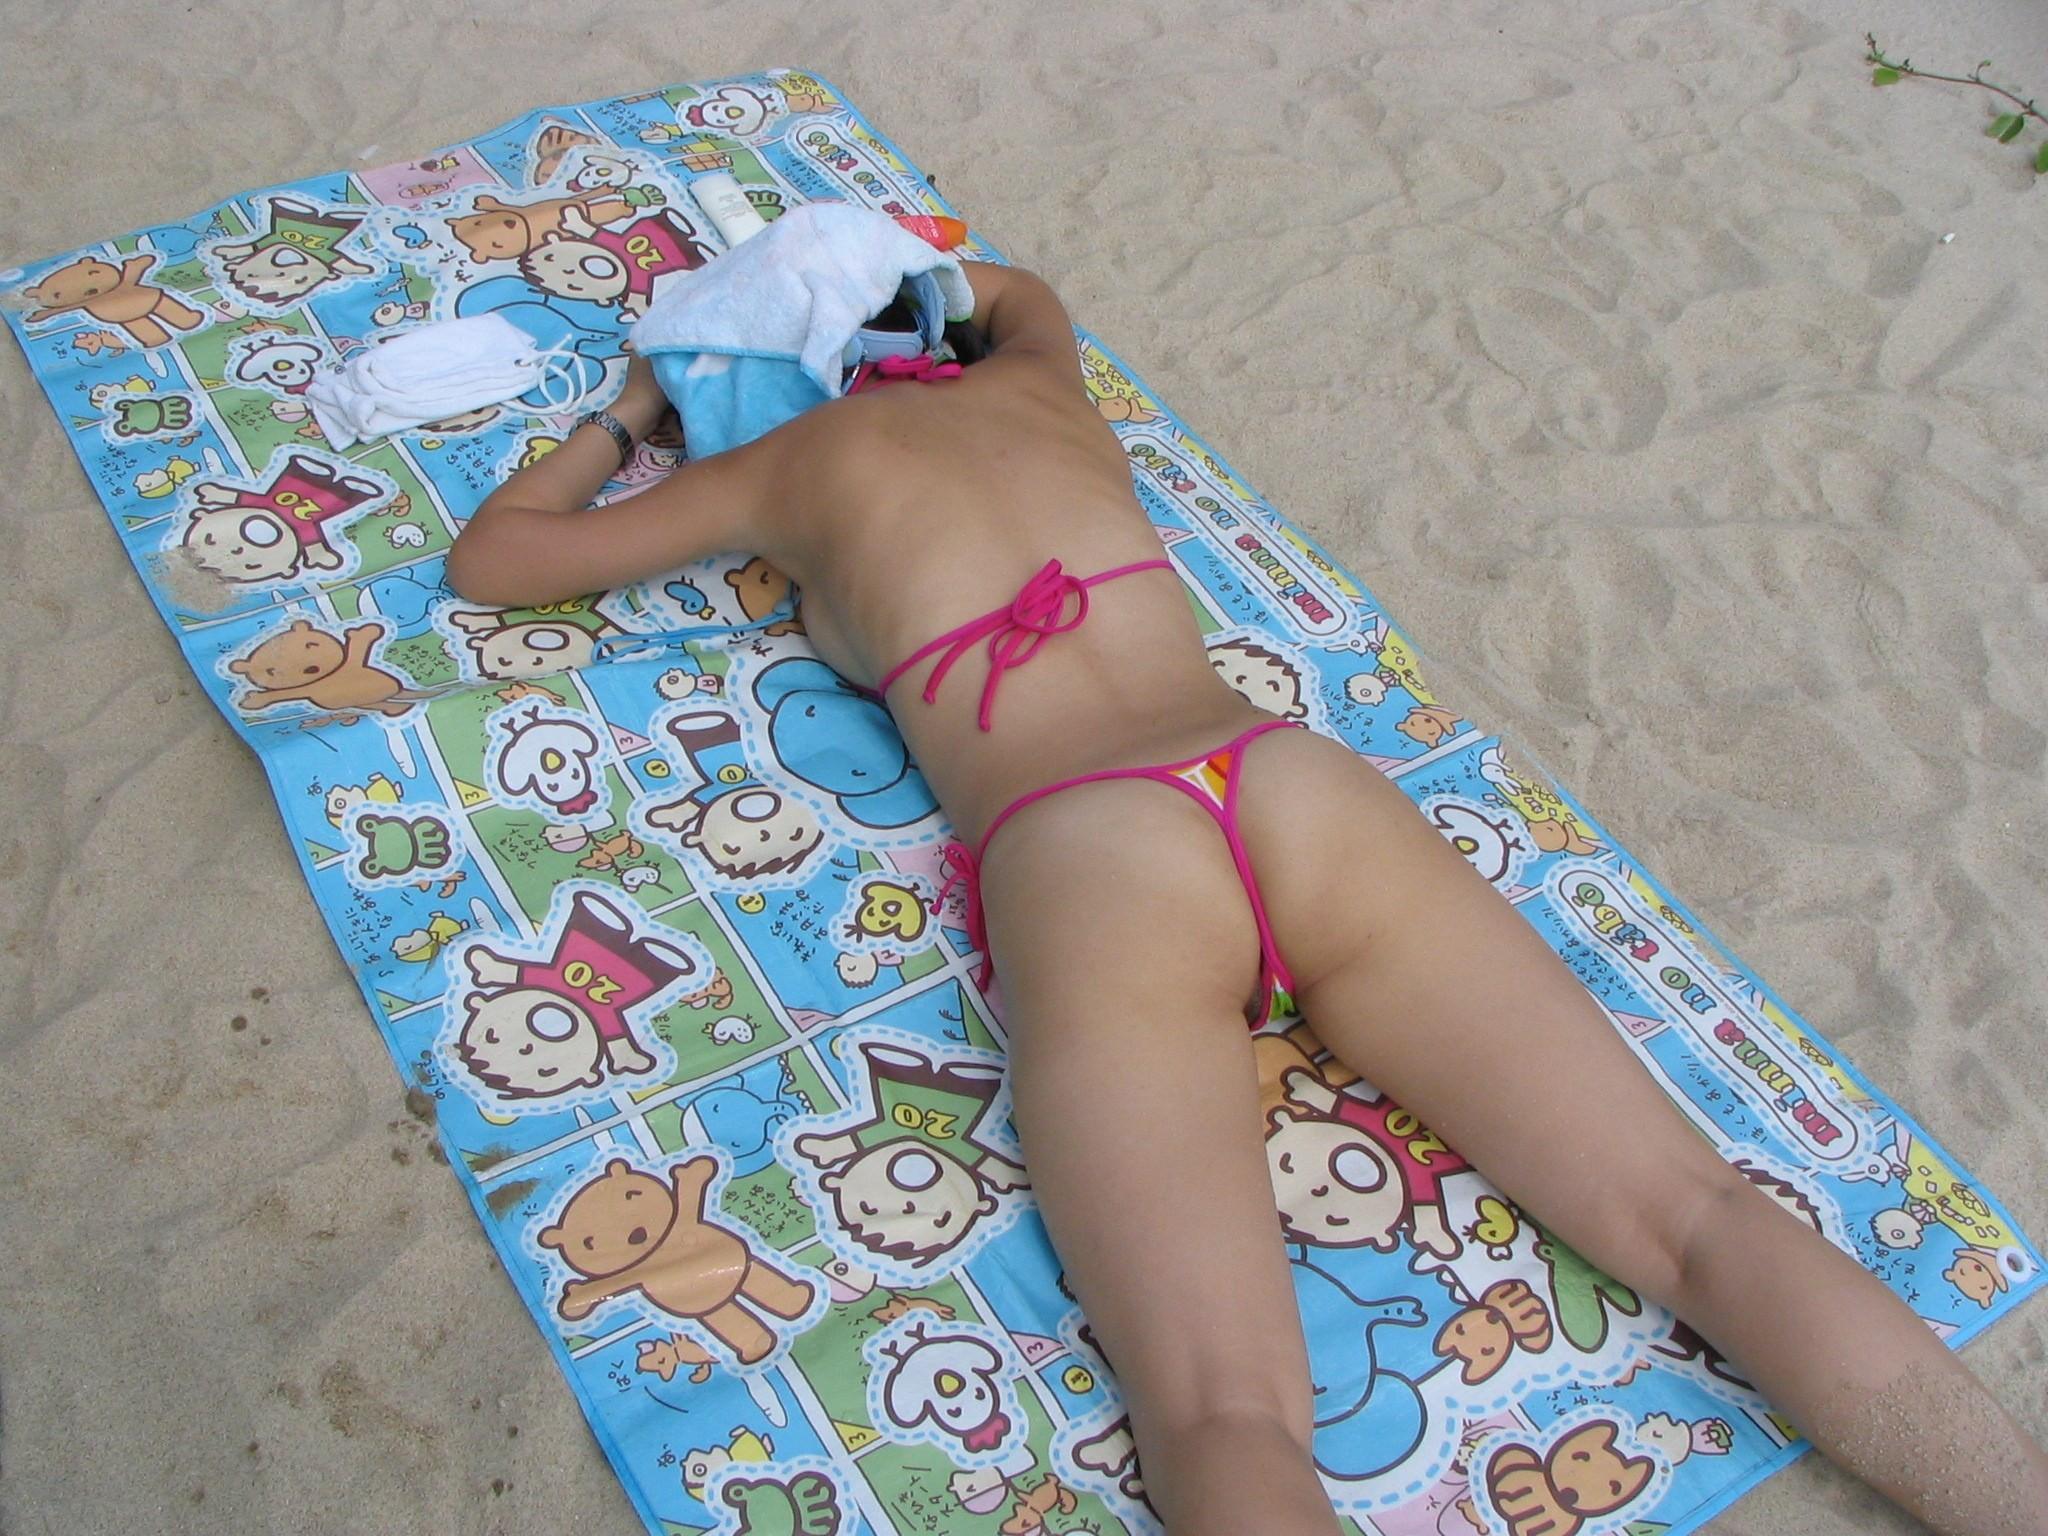 【水着エロ画像】無防備に見えてるけど…襲いたくなる日光浴中のビキニ女子www 12